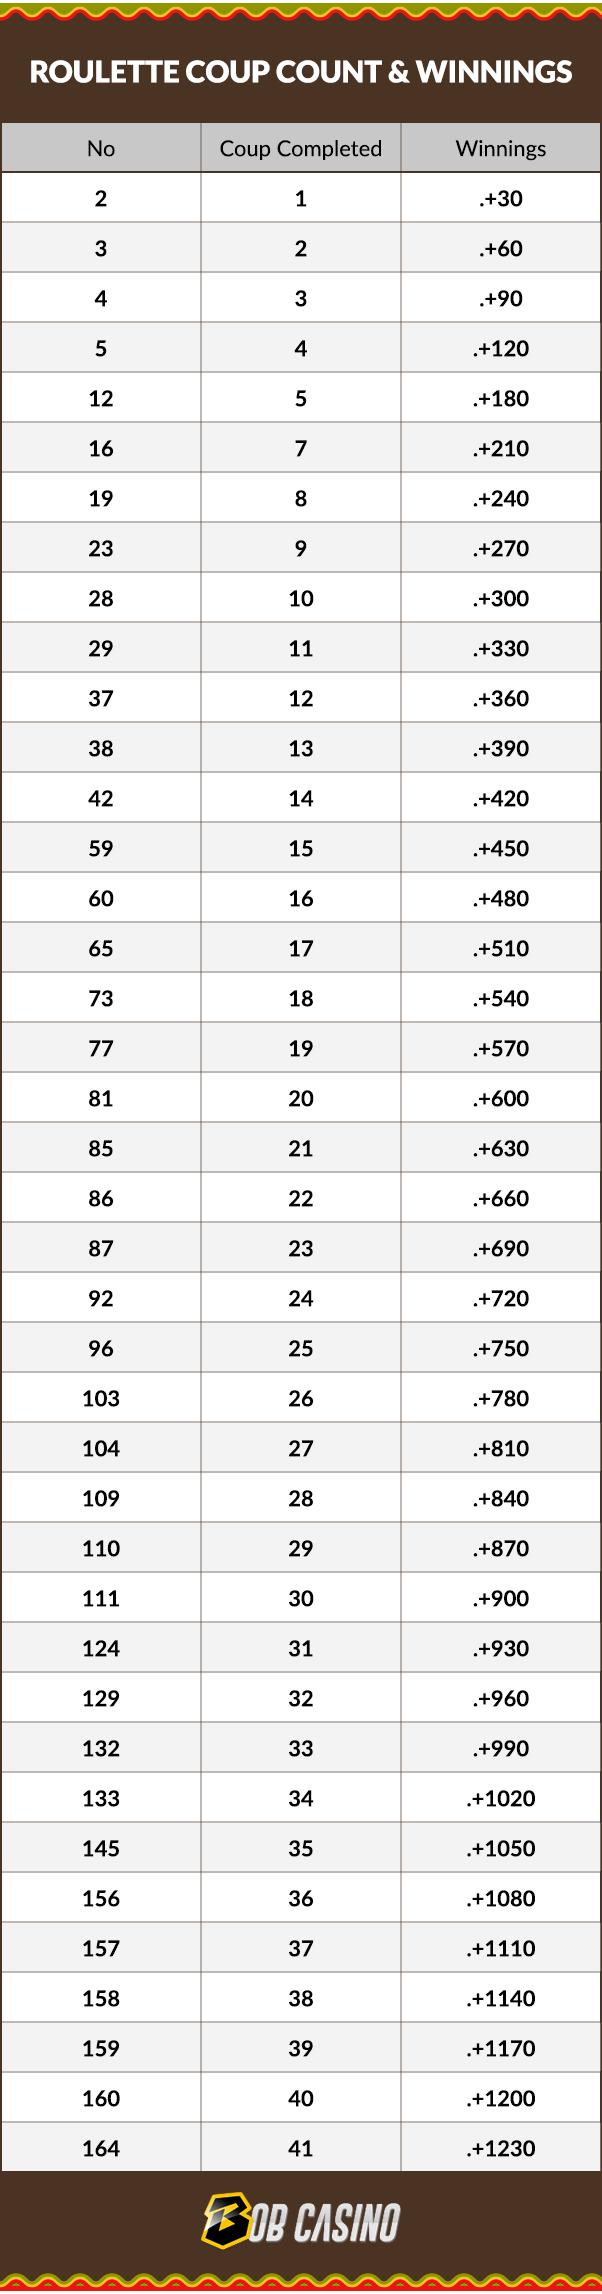 Jumlah kudeta Roulette sesuai dengan strategi Fisher Roulette.